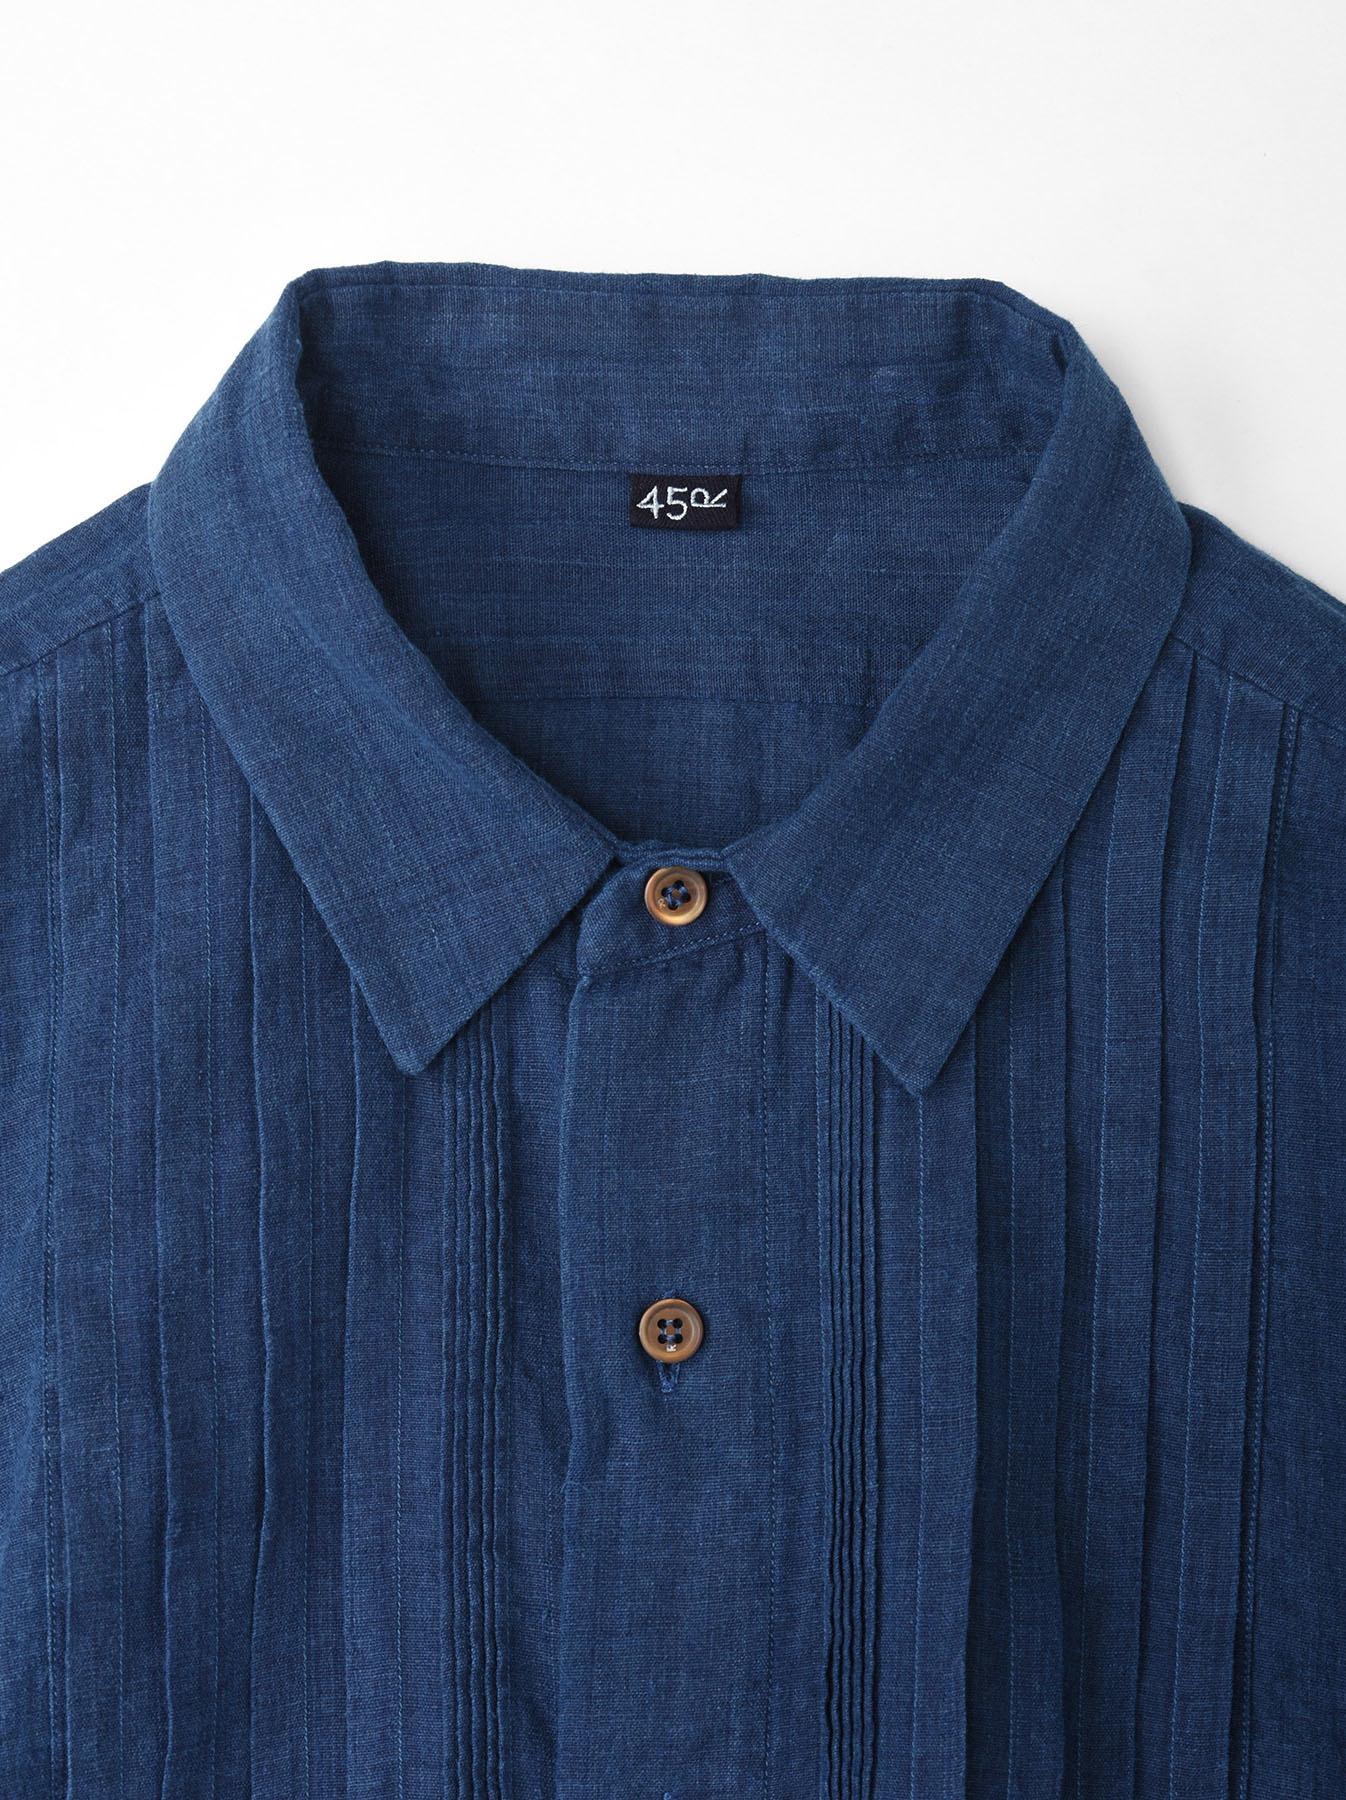 Ai Khadi Pin-tuck Shirt-6